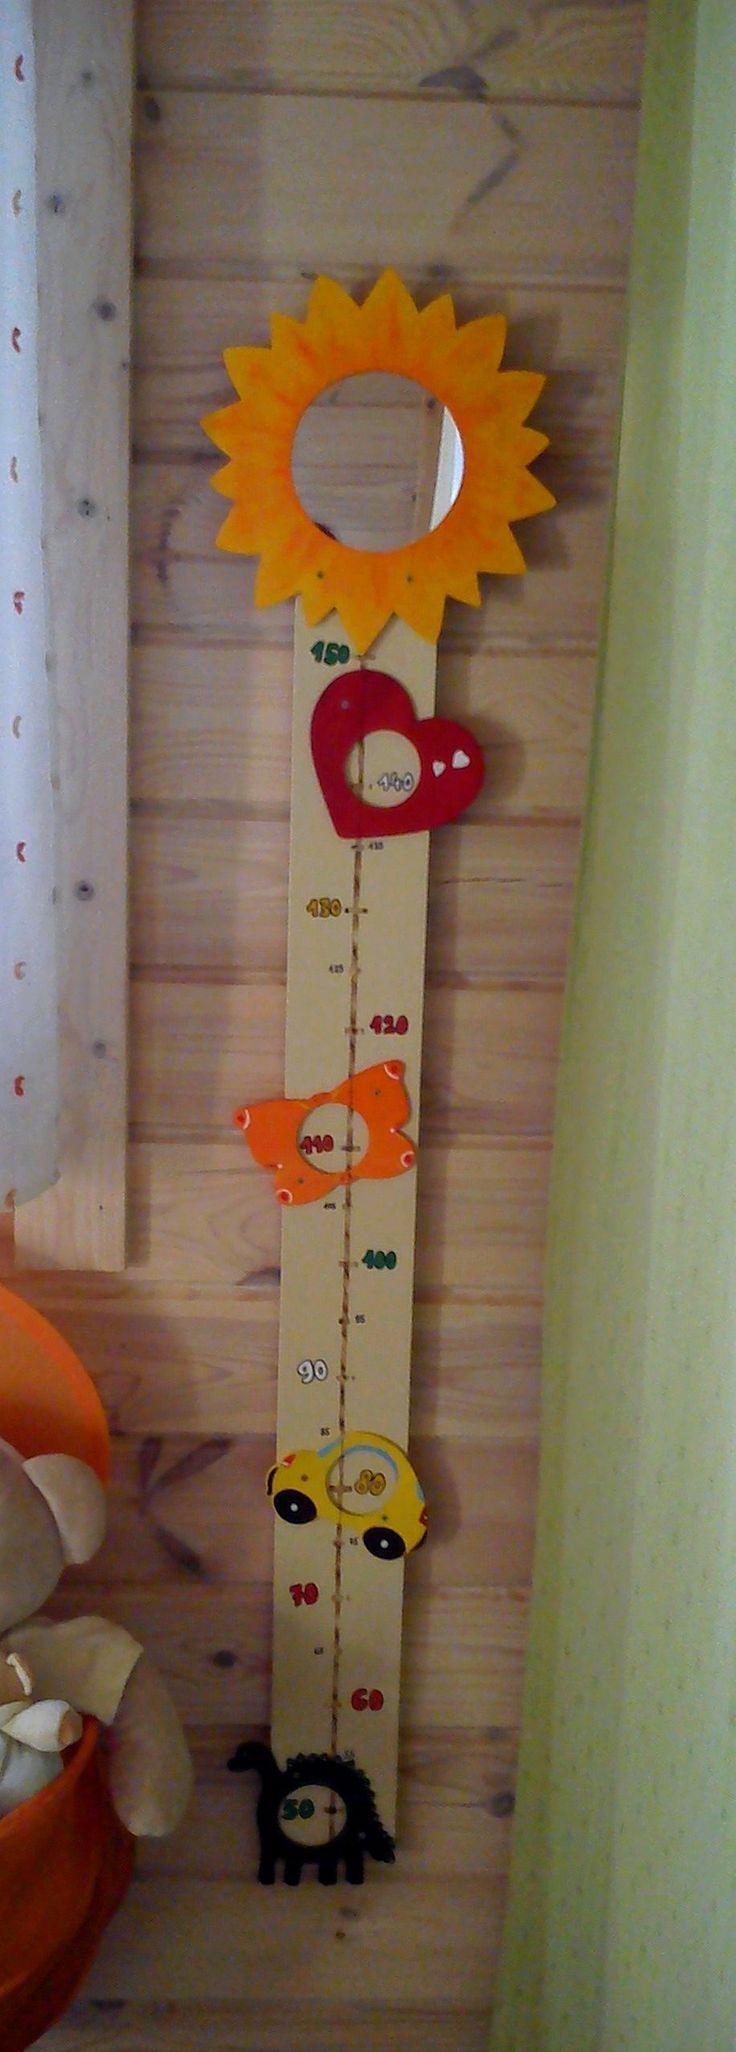 Toise fabriqu e avec une planche de bois objets en bois d corer miroir d corer - Toise en bois personnalisable ...